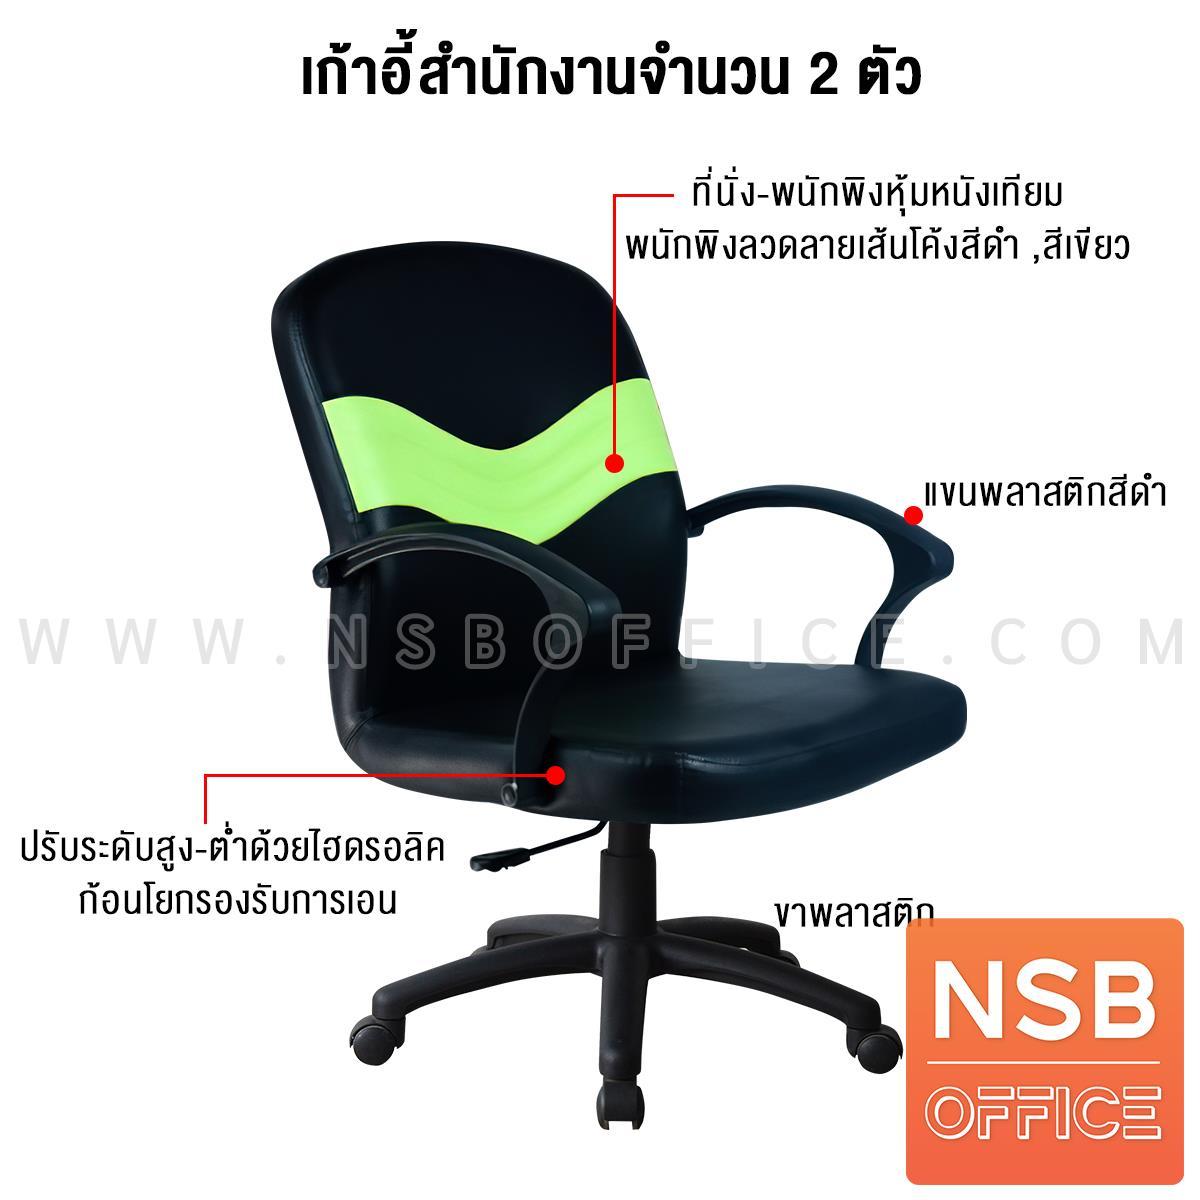 เซ็ตโต๊ะทำงานตัวแอล สีเชอรี่-ดำ รุ่น Blackcure (แบล็คเคอร์)  พร้อมตู้เก็บเอกสาร เก้าอี้สำนักงาน (รวม 7 ชิ้น)